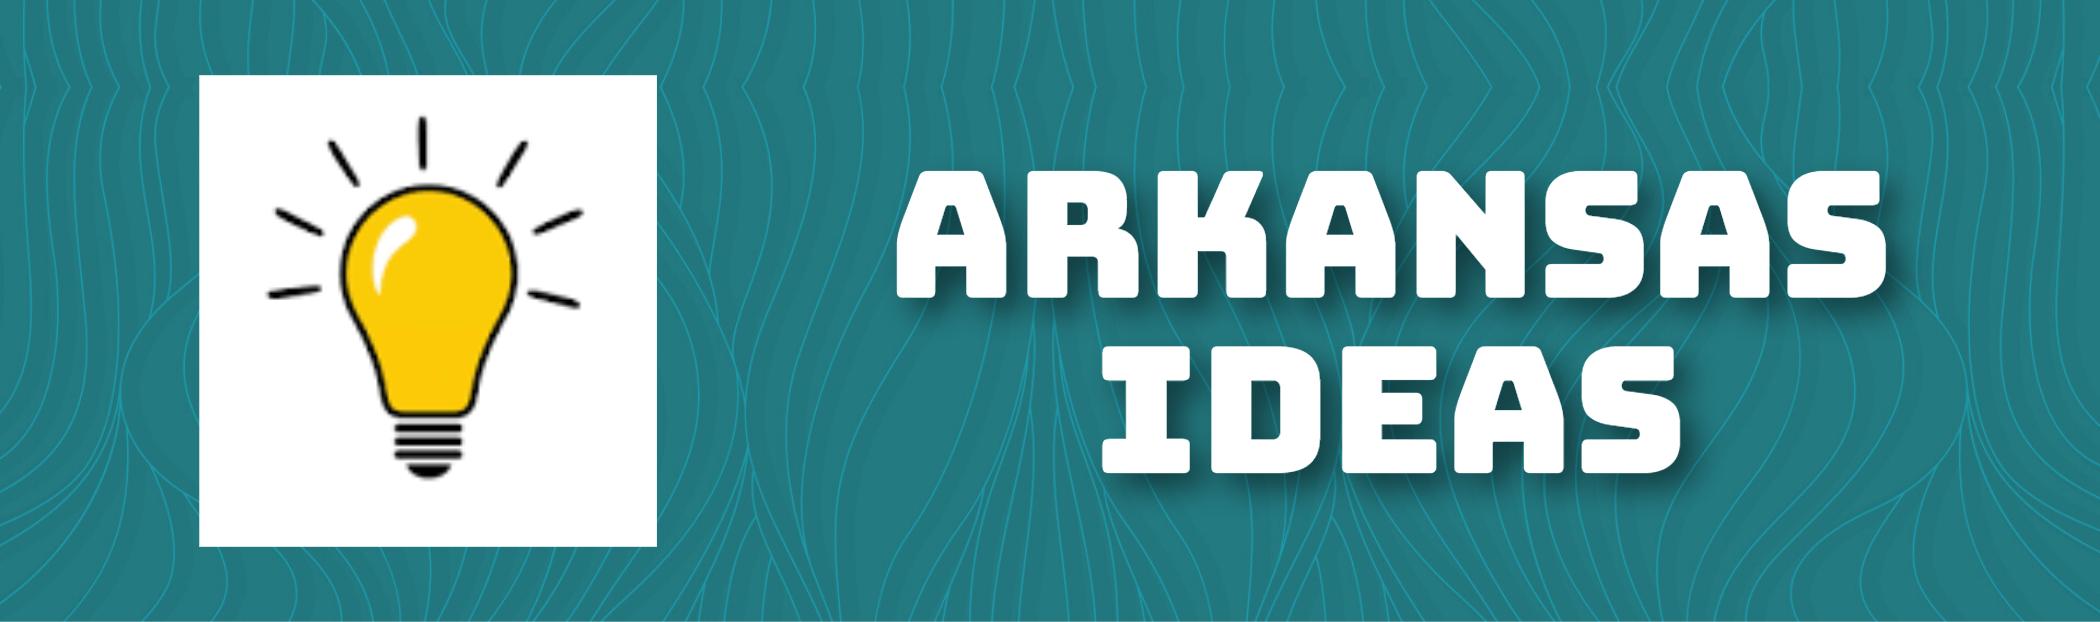 Arkansas Ideas